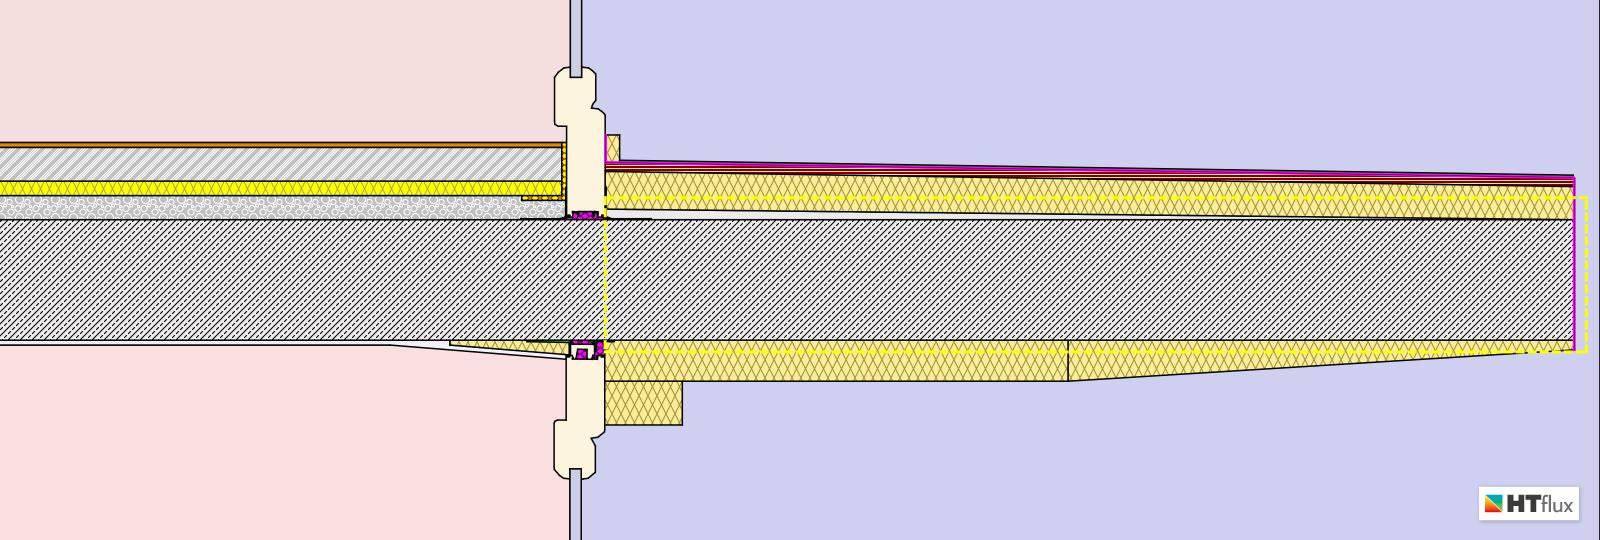 untersuchung der sanierung einer balkonauskragung ohne thermische trennung htflux. Black Bedroom Furniture Sets. Home Design Ideas